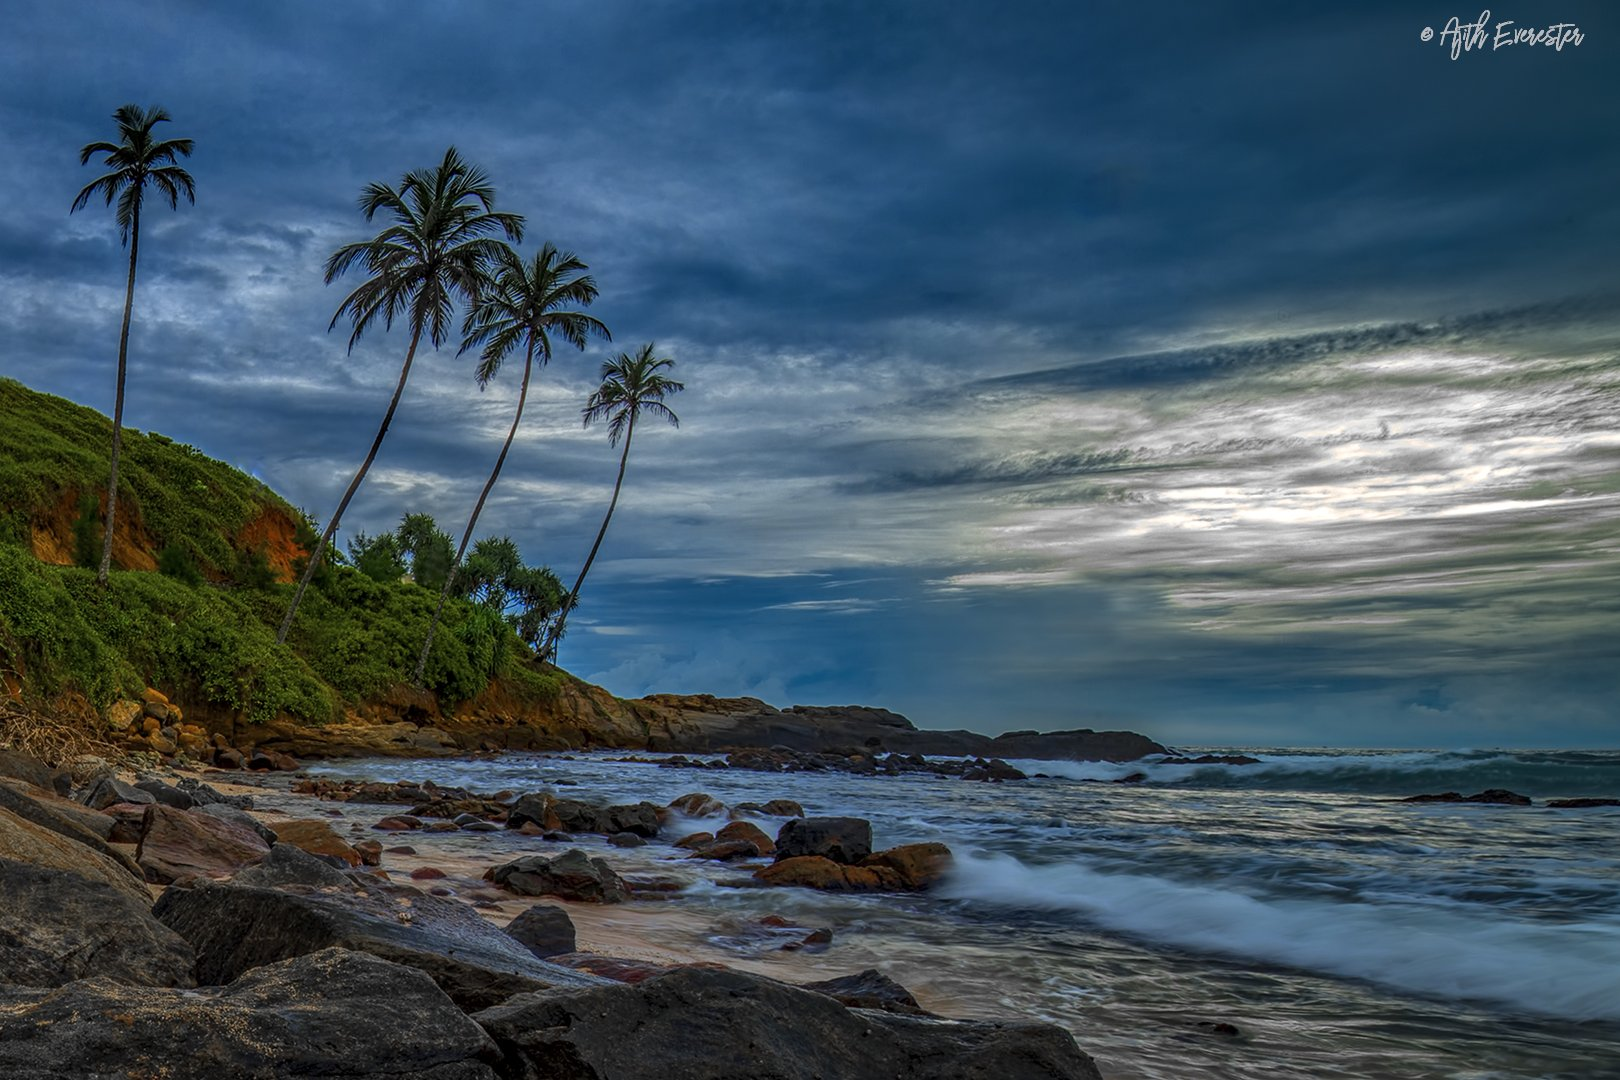 srilanka, nikon, evening sky, landscape, Ajith Everester